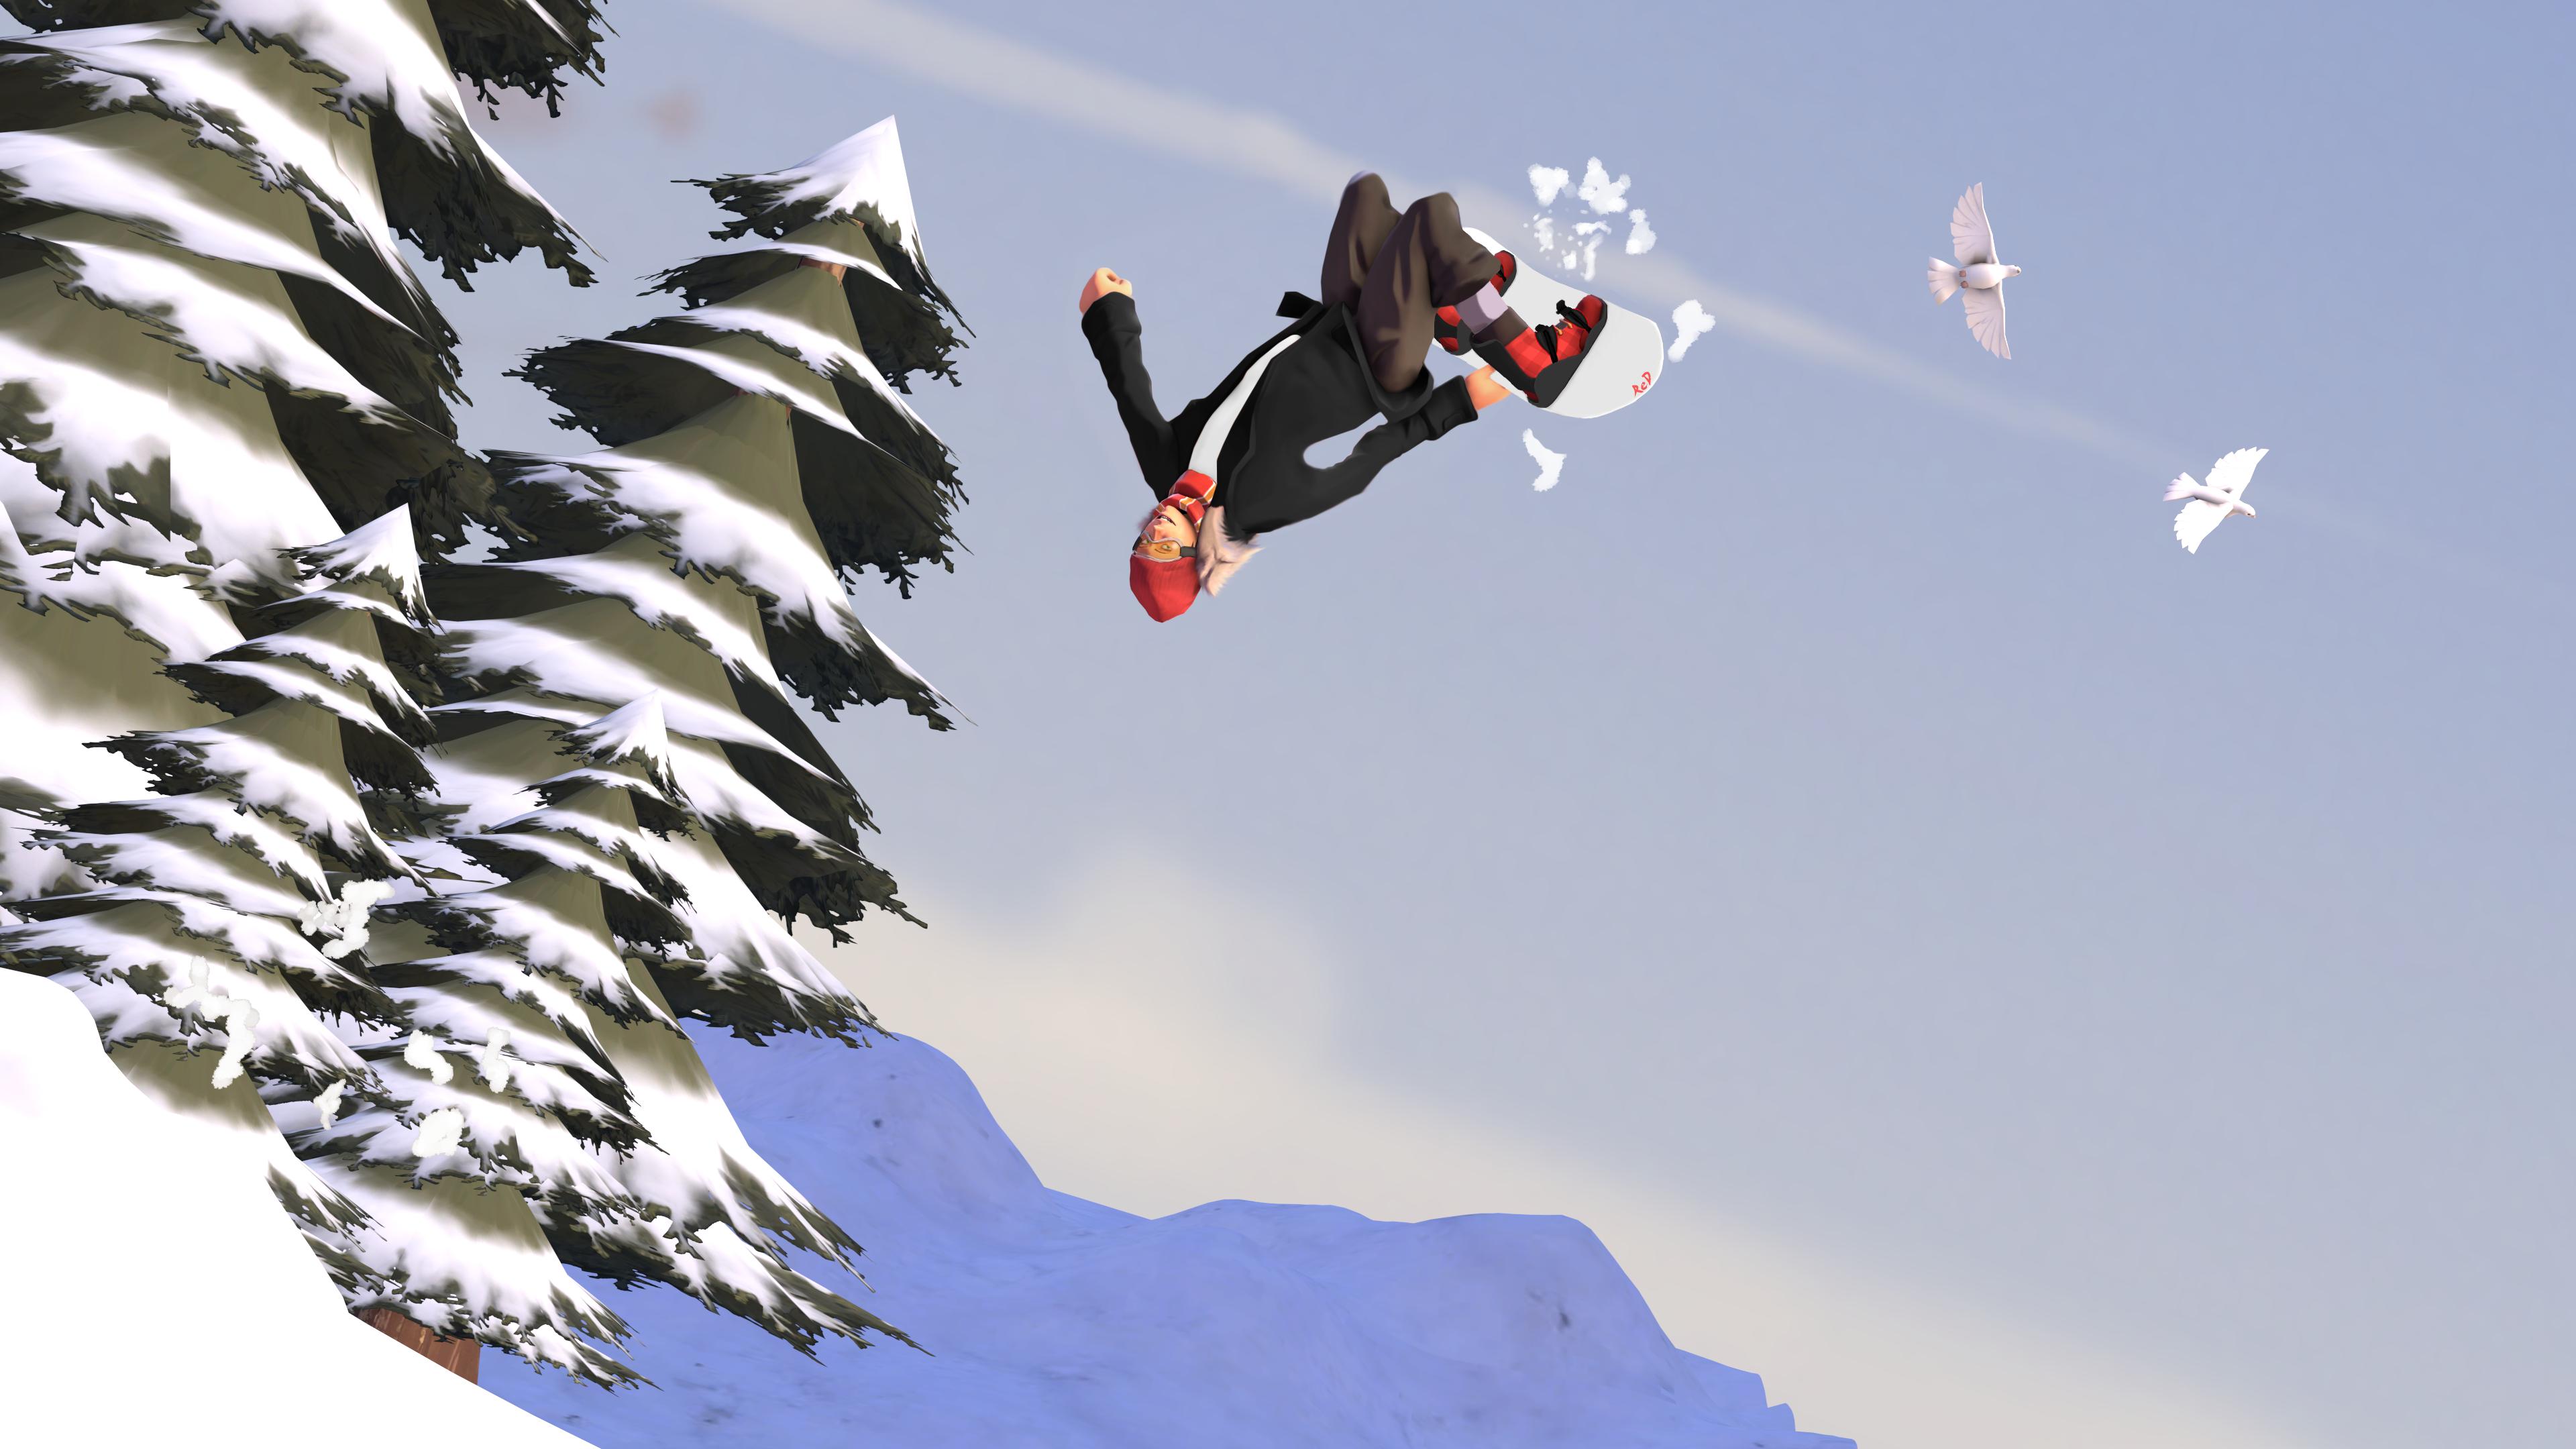 [SFM] Snowboard Girl by ScAnnReD